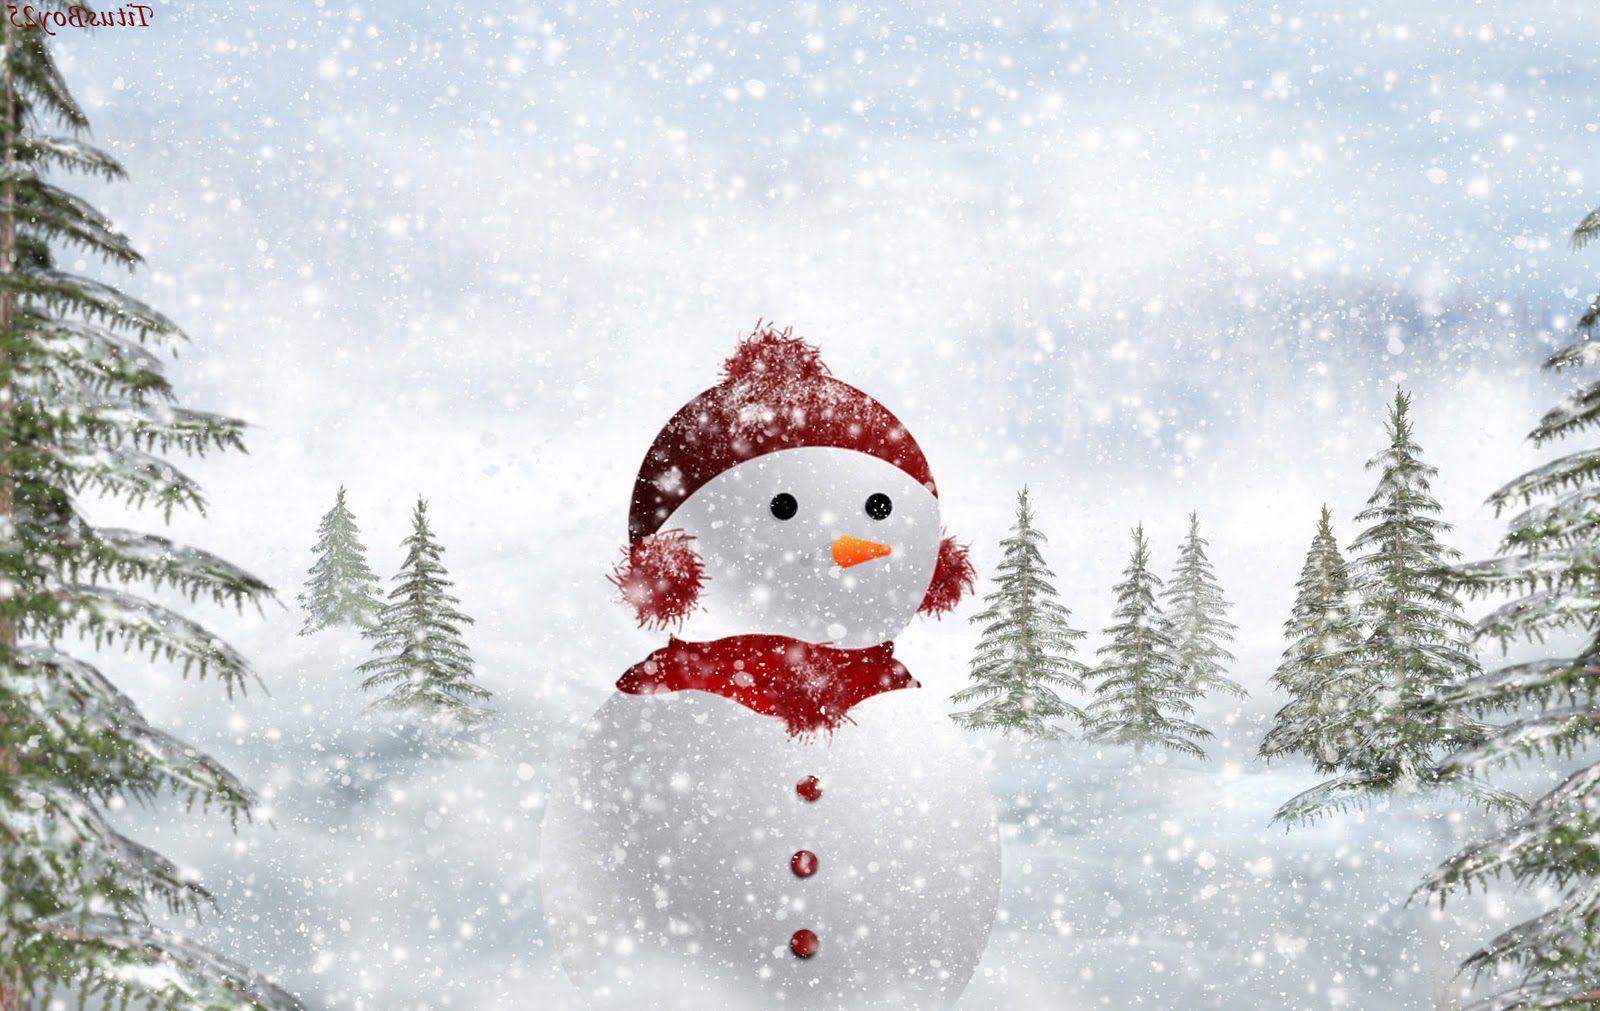 Best Top Desktop Snowman Wallpapers Hd Wallpaper Picture Image 13 1600x1011 Pixels